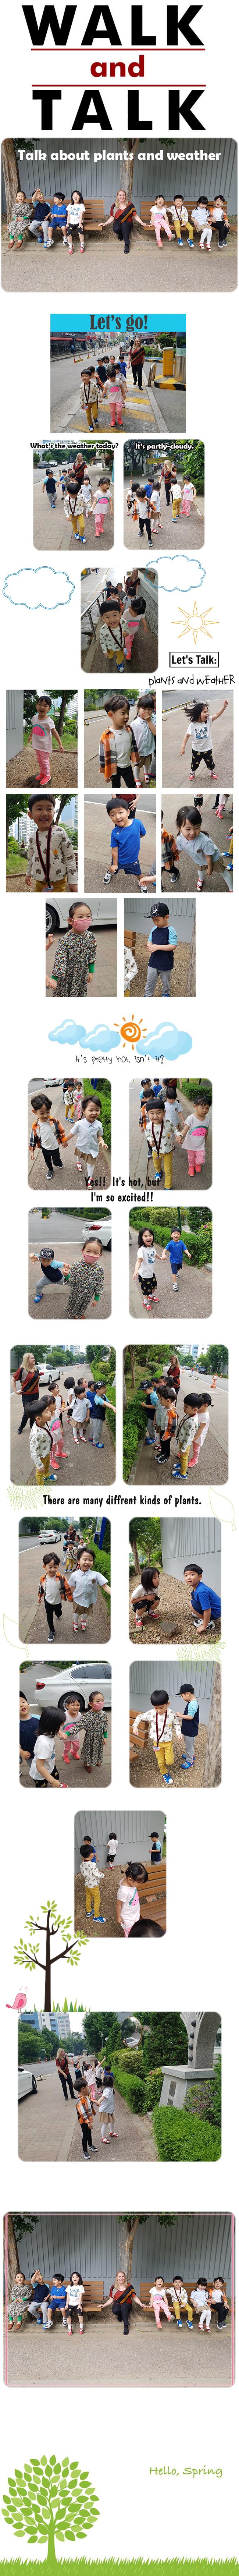 0515_Walk and Talk.jpg